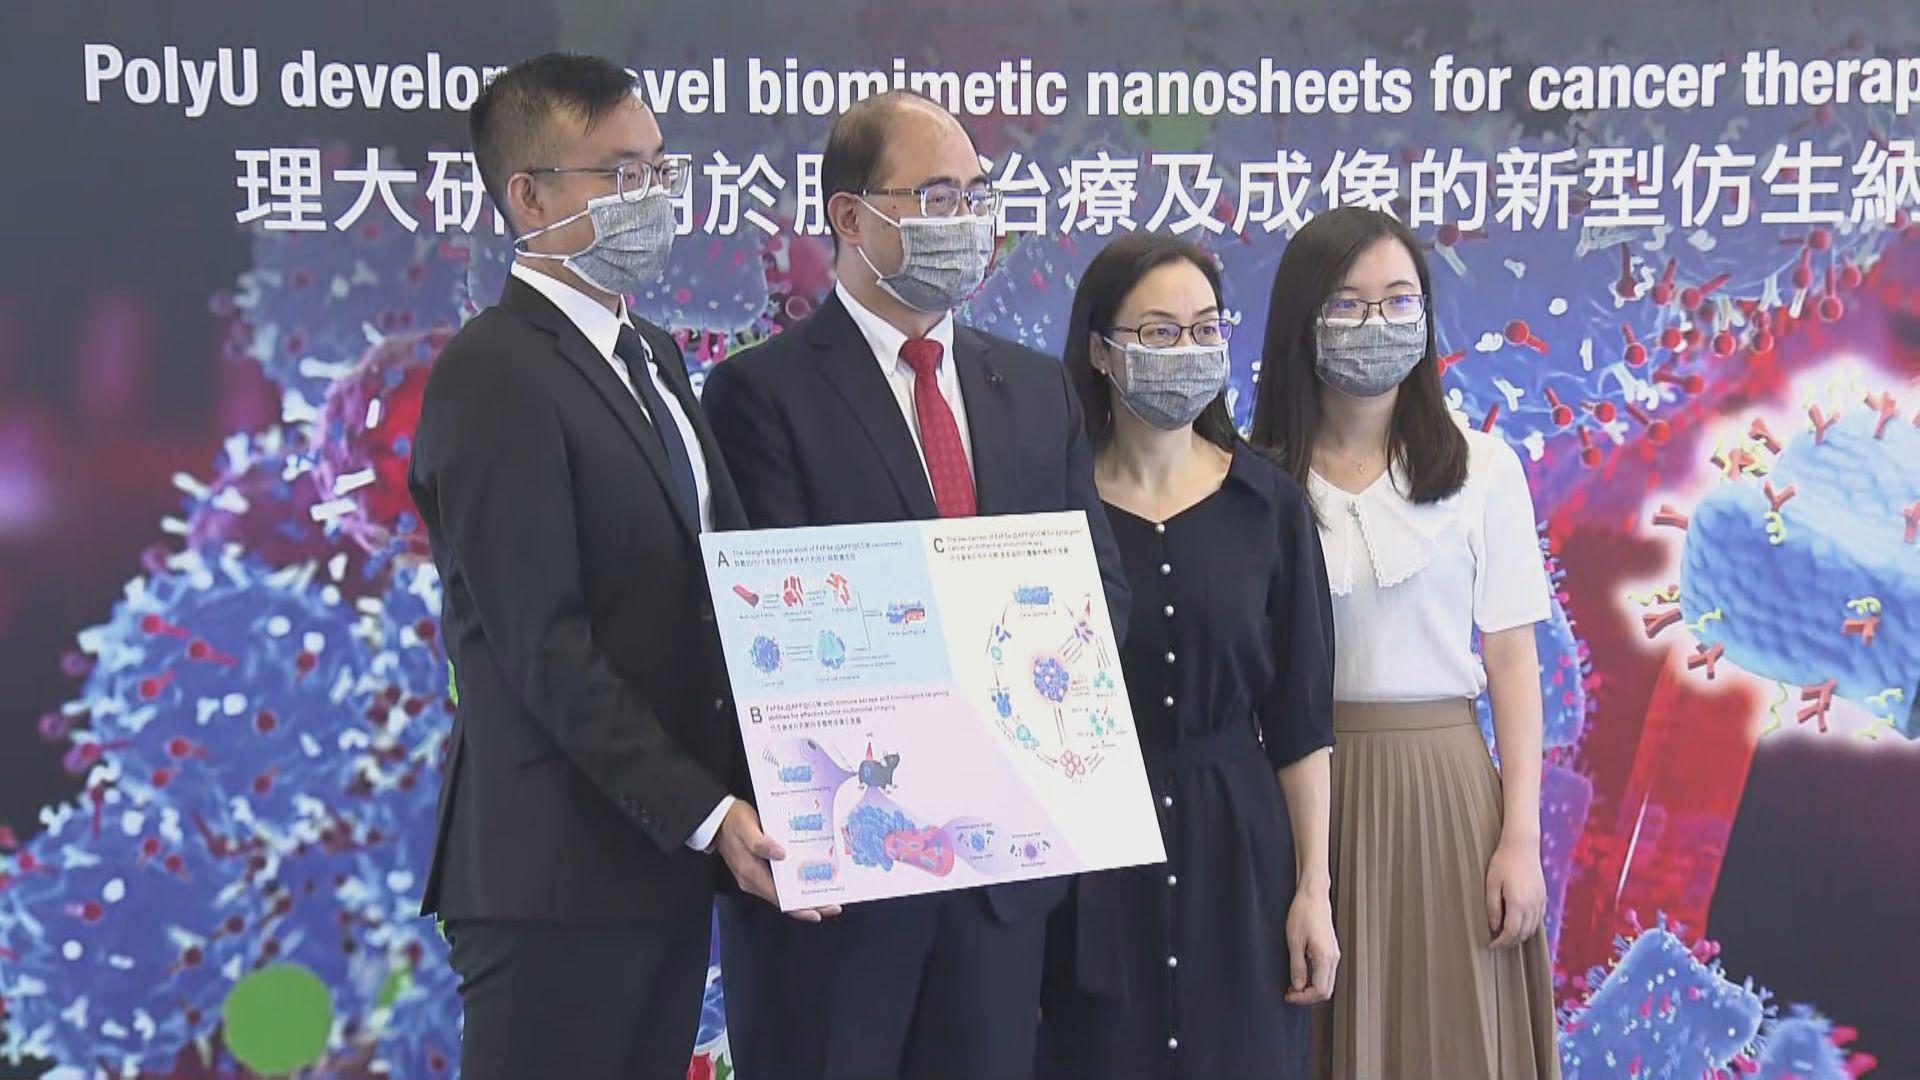 理大研發新型仿生納米片或有助治療癌症